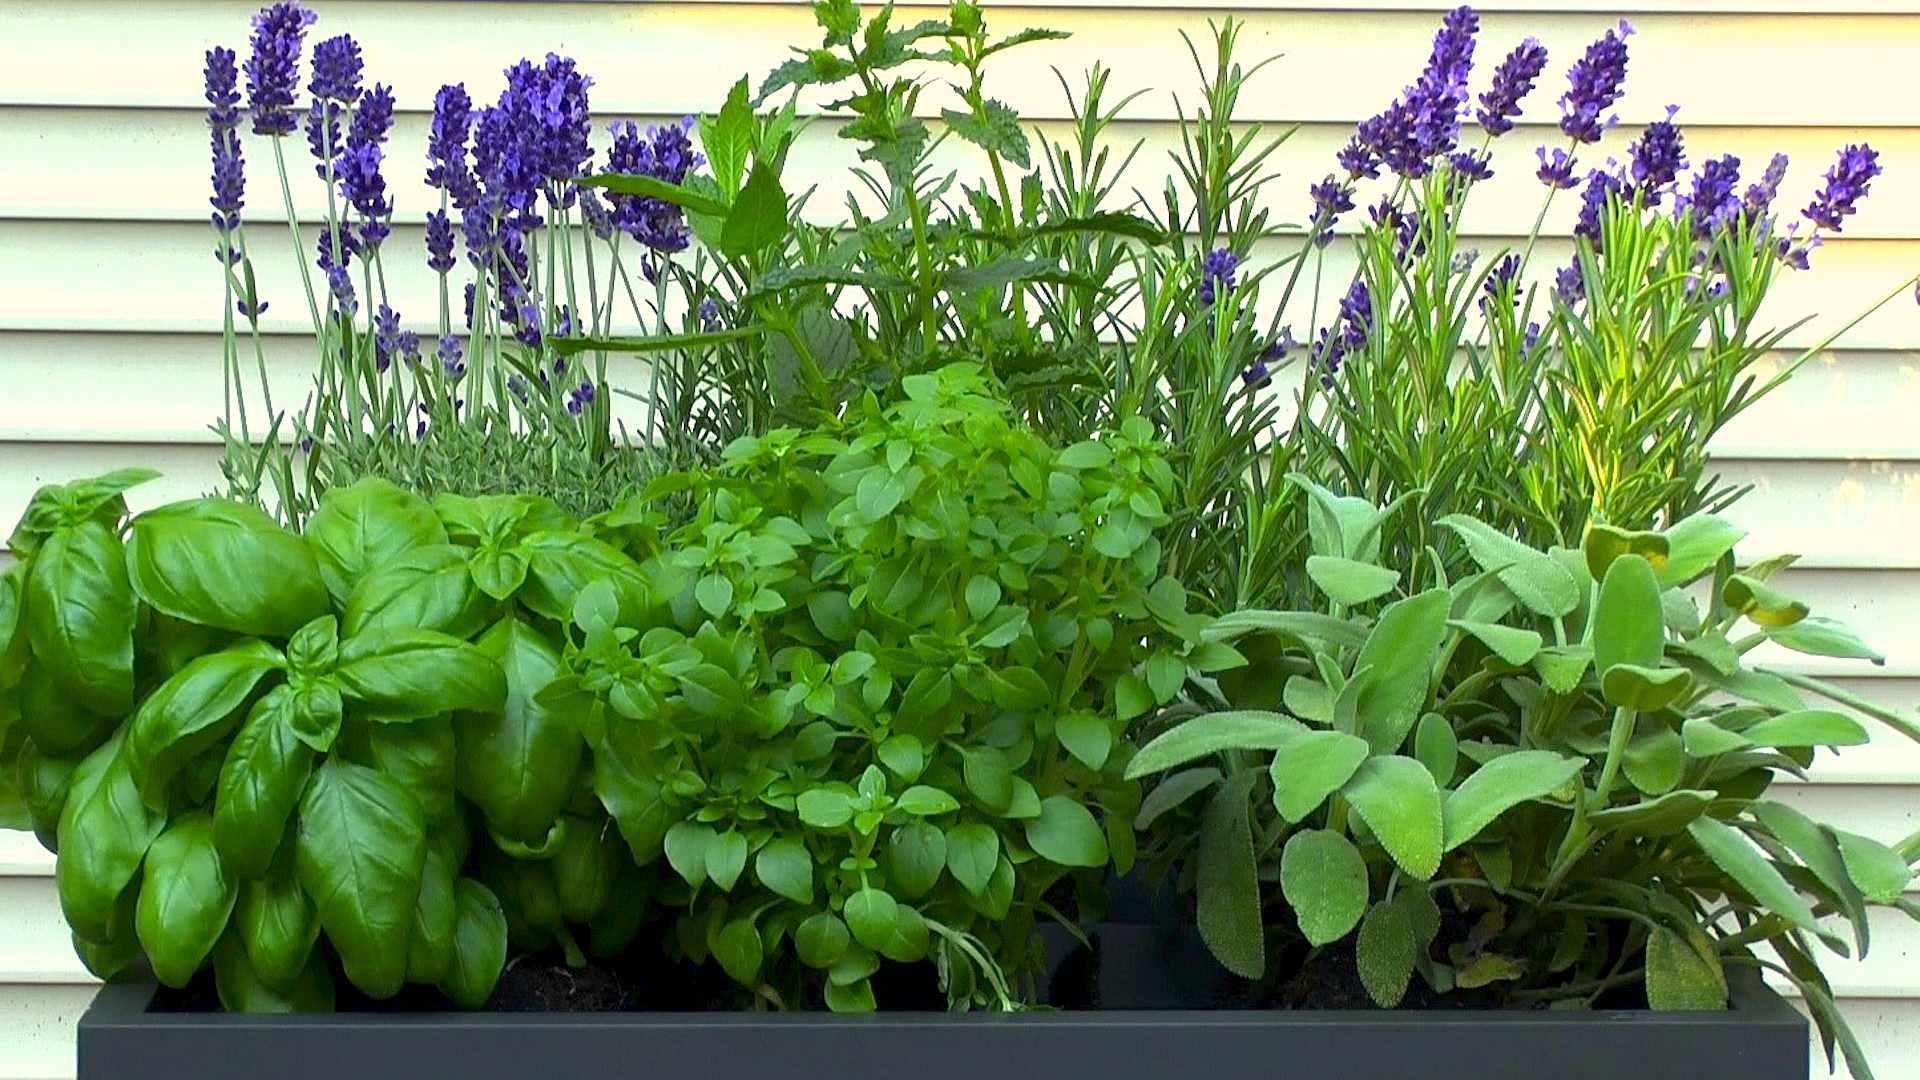 kräuter pflanzen balkon topf_23:16:22 ~ egenis : inspirierend, Gartengerate ideen